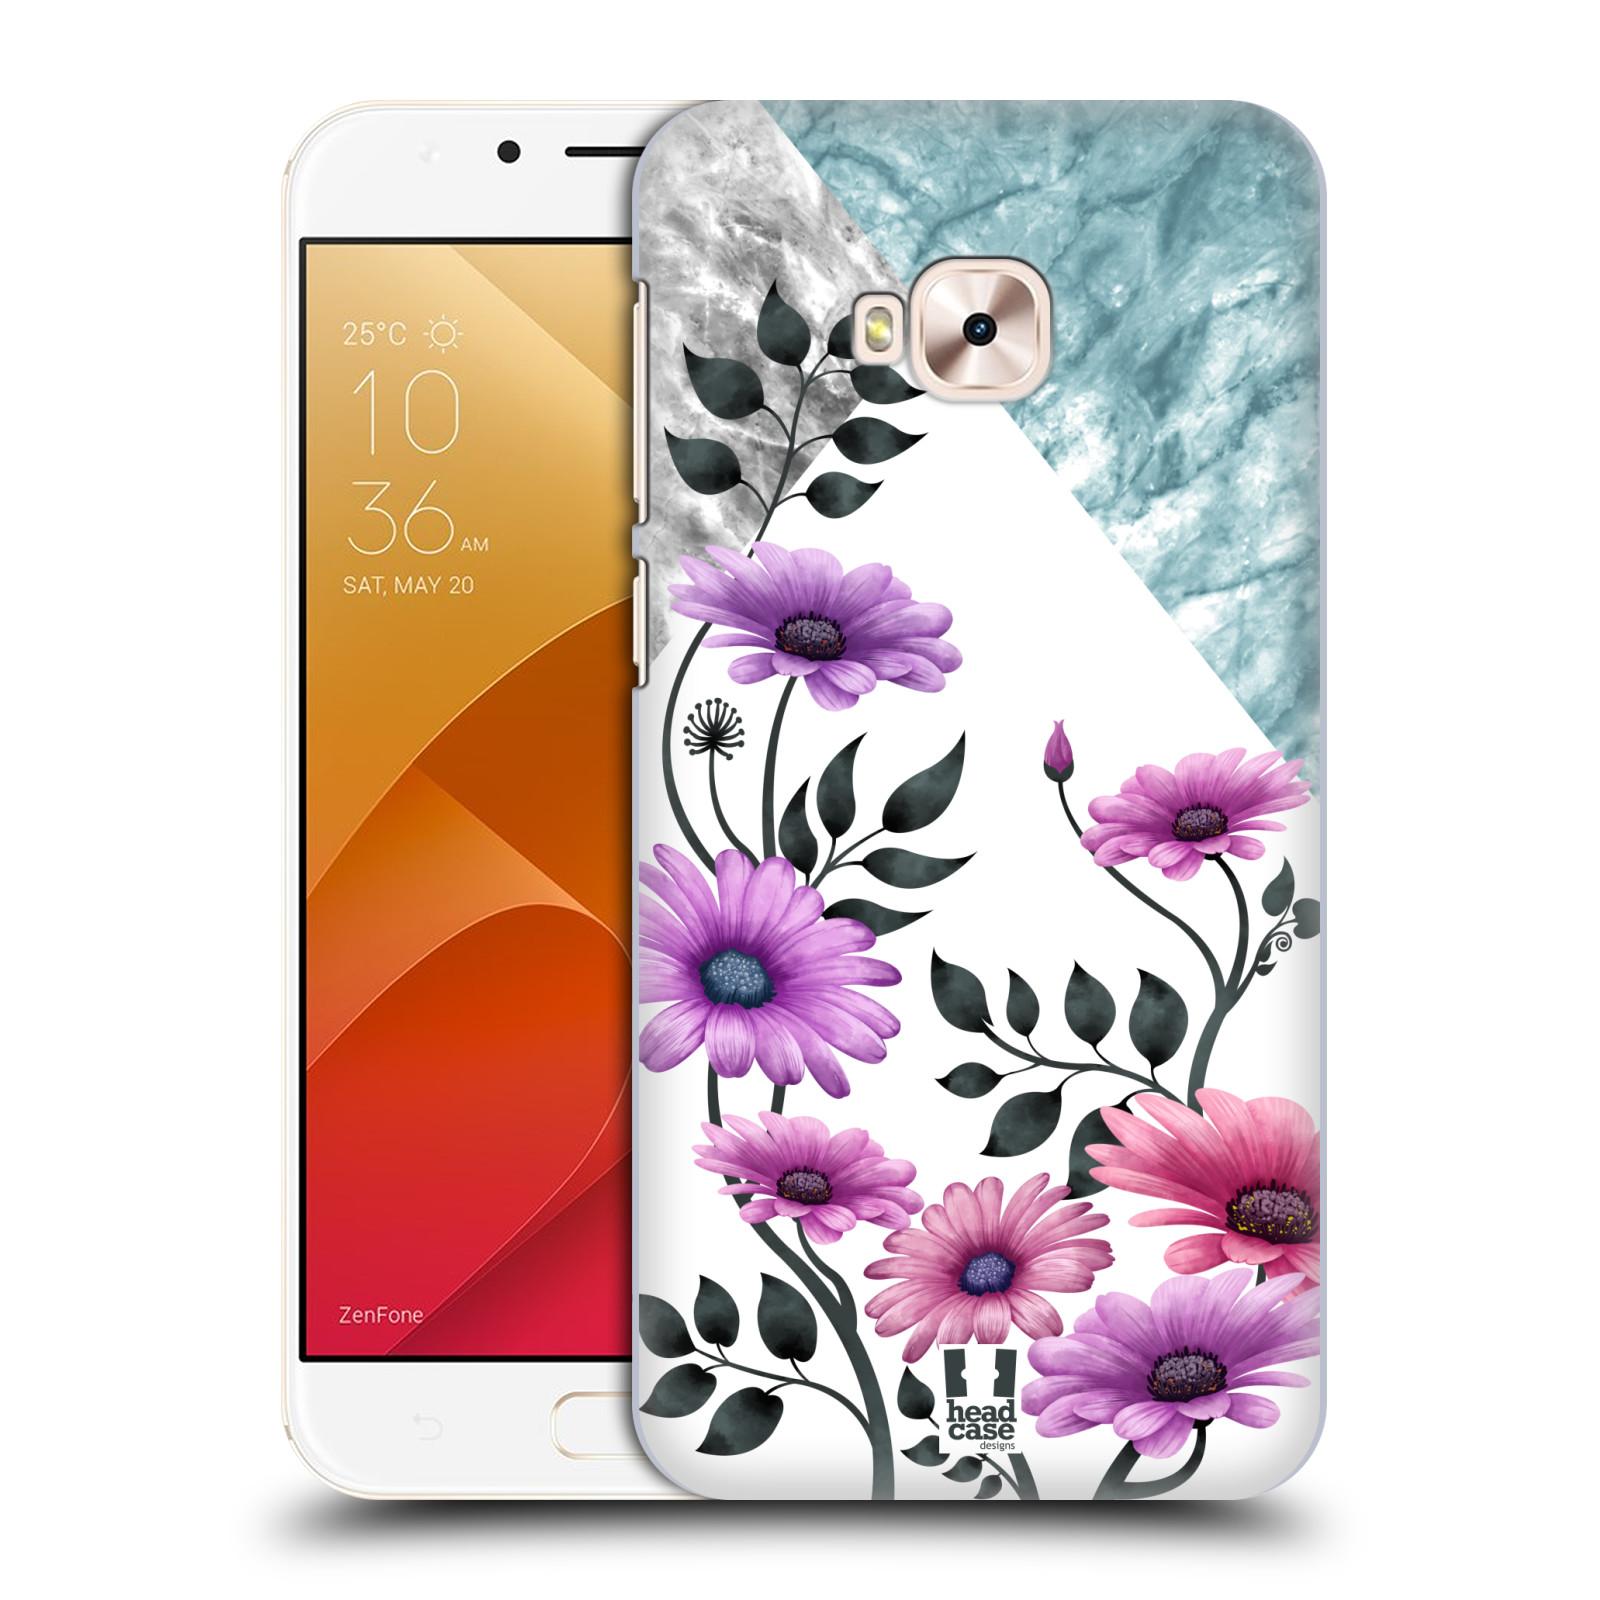 HEAD CASE plastový obal na mobil Asus Zenfone 4 Selfie Pro ZD552KL květiny hvězdnice, Aster fialová a modrá